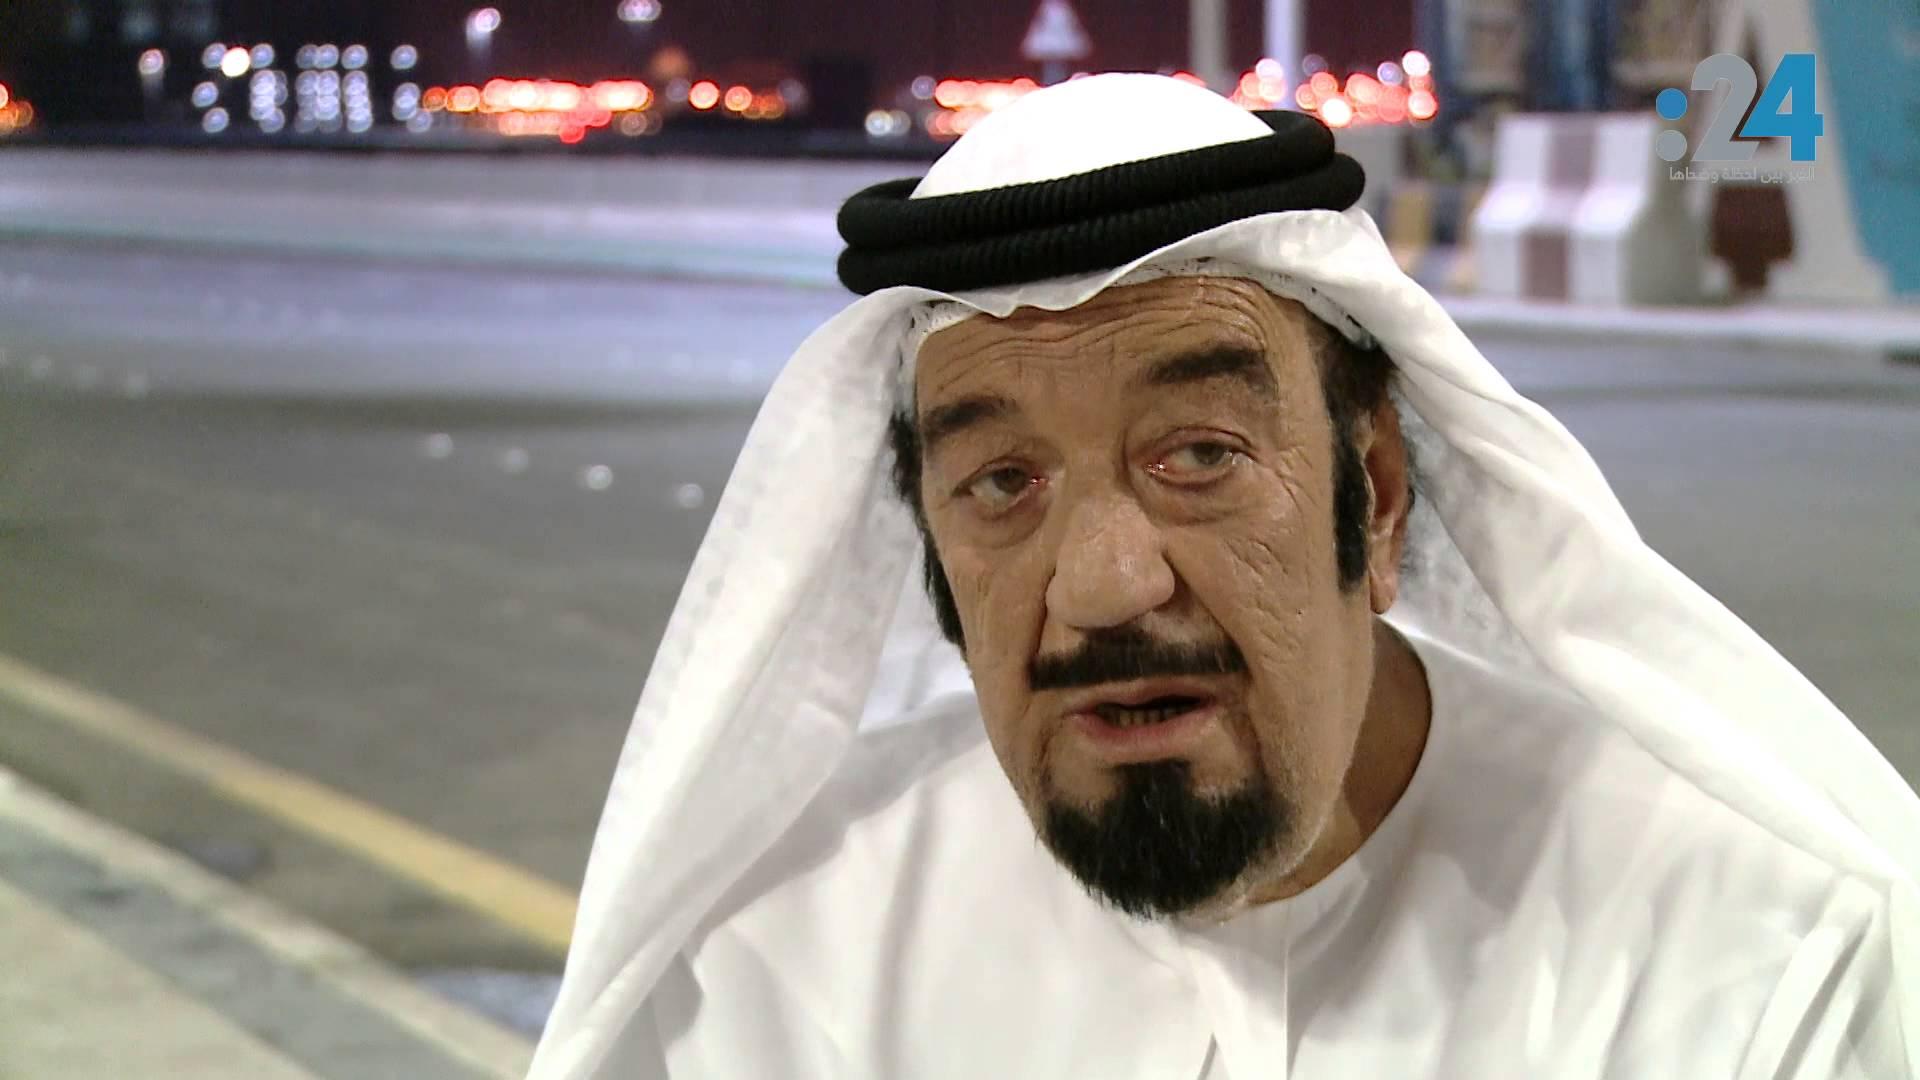 الفنان حسن حسني بالزي الخليجي ومشيته بالدشداشة تثير السخرية